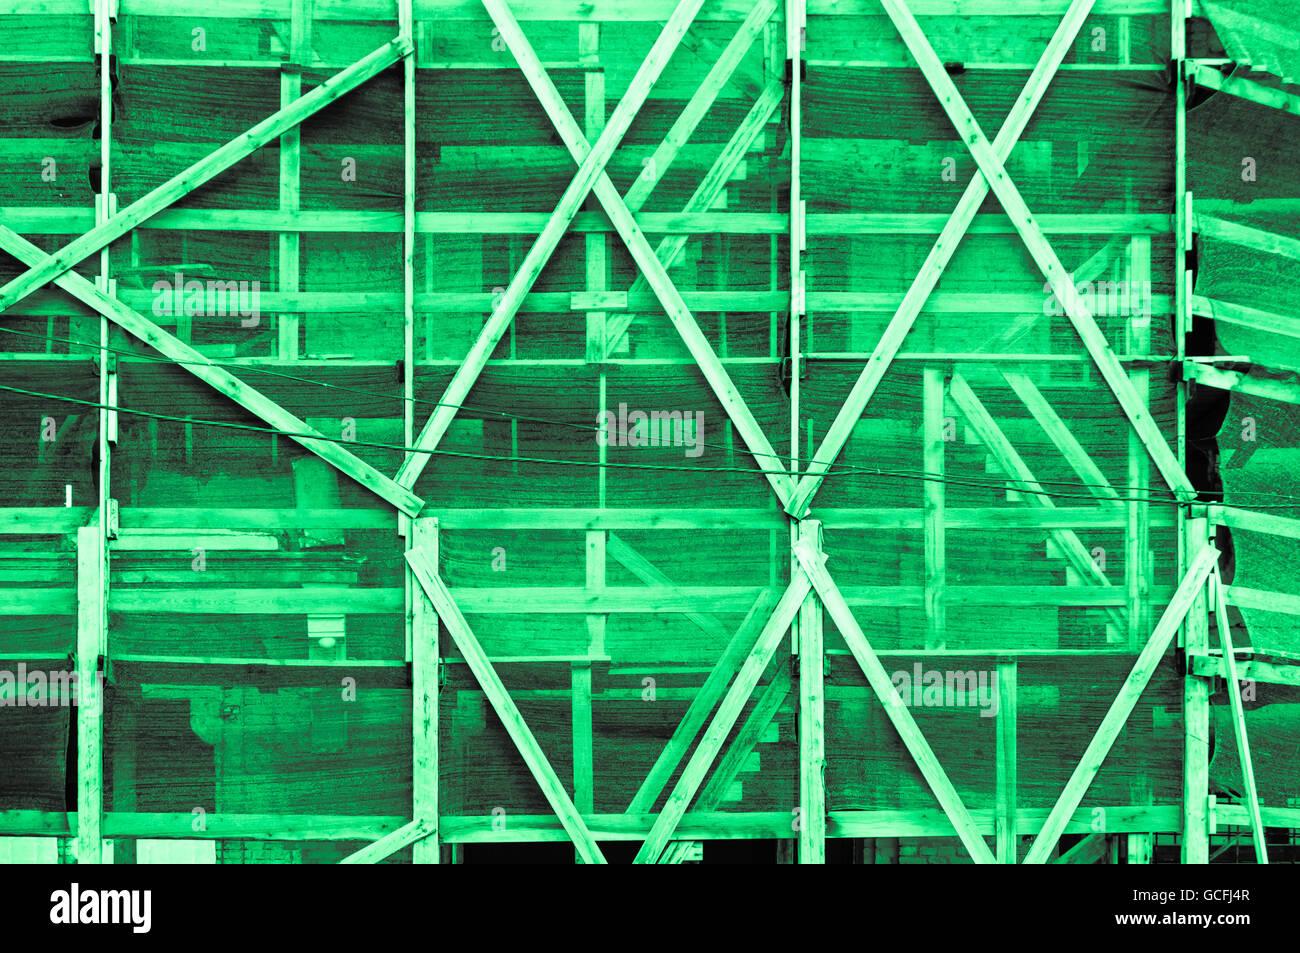 Impresionante menta verde grisáceo verdoso luz marco exterior de un edificio de estilo ucraniano Foto de stock